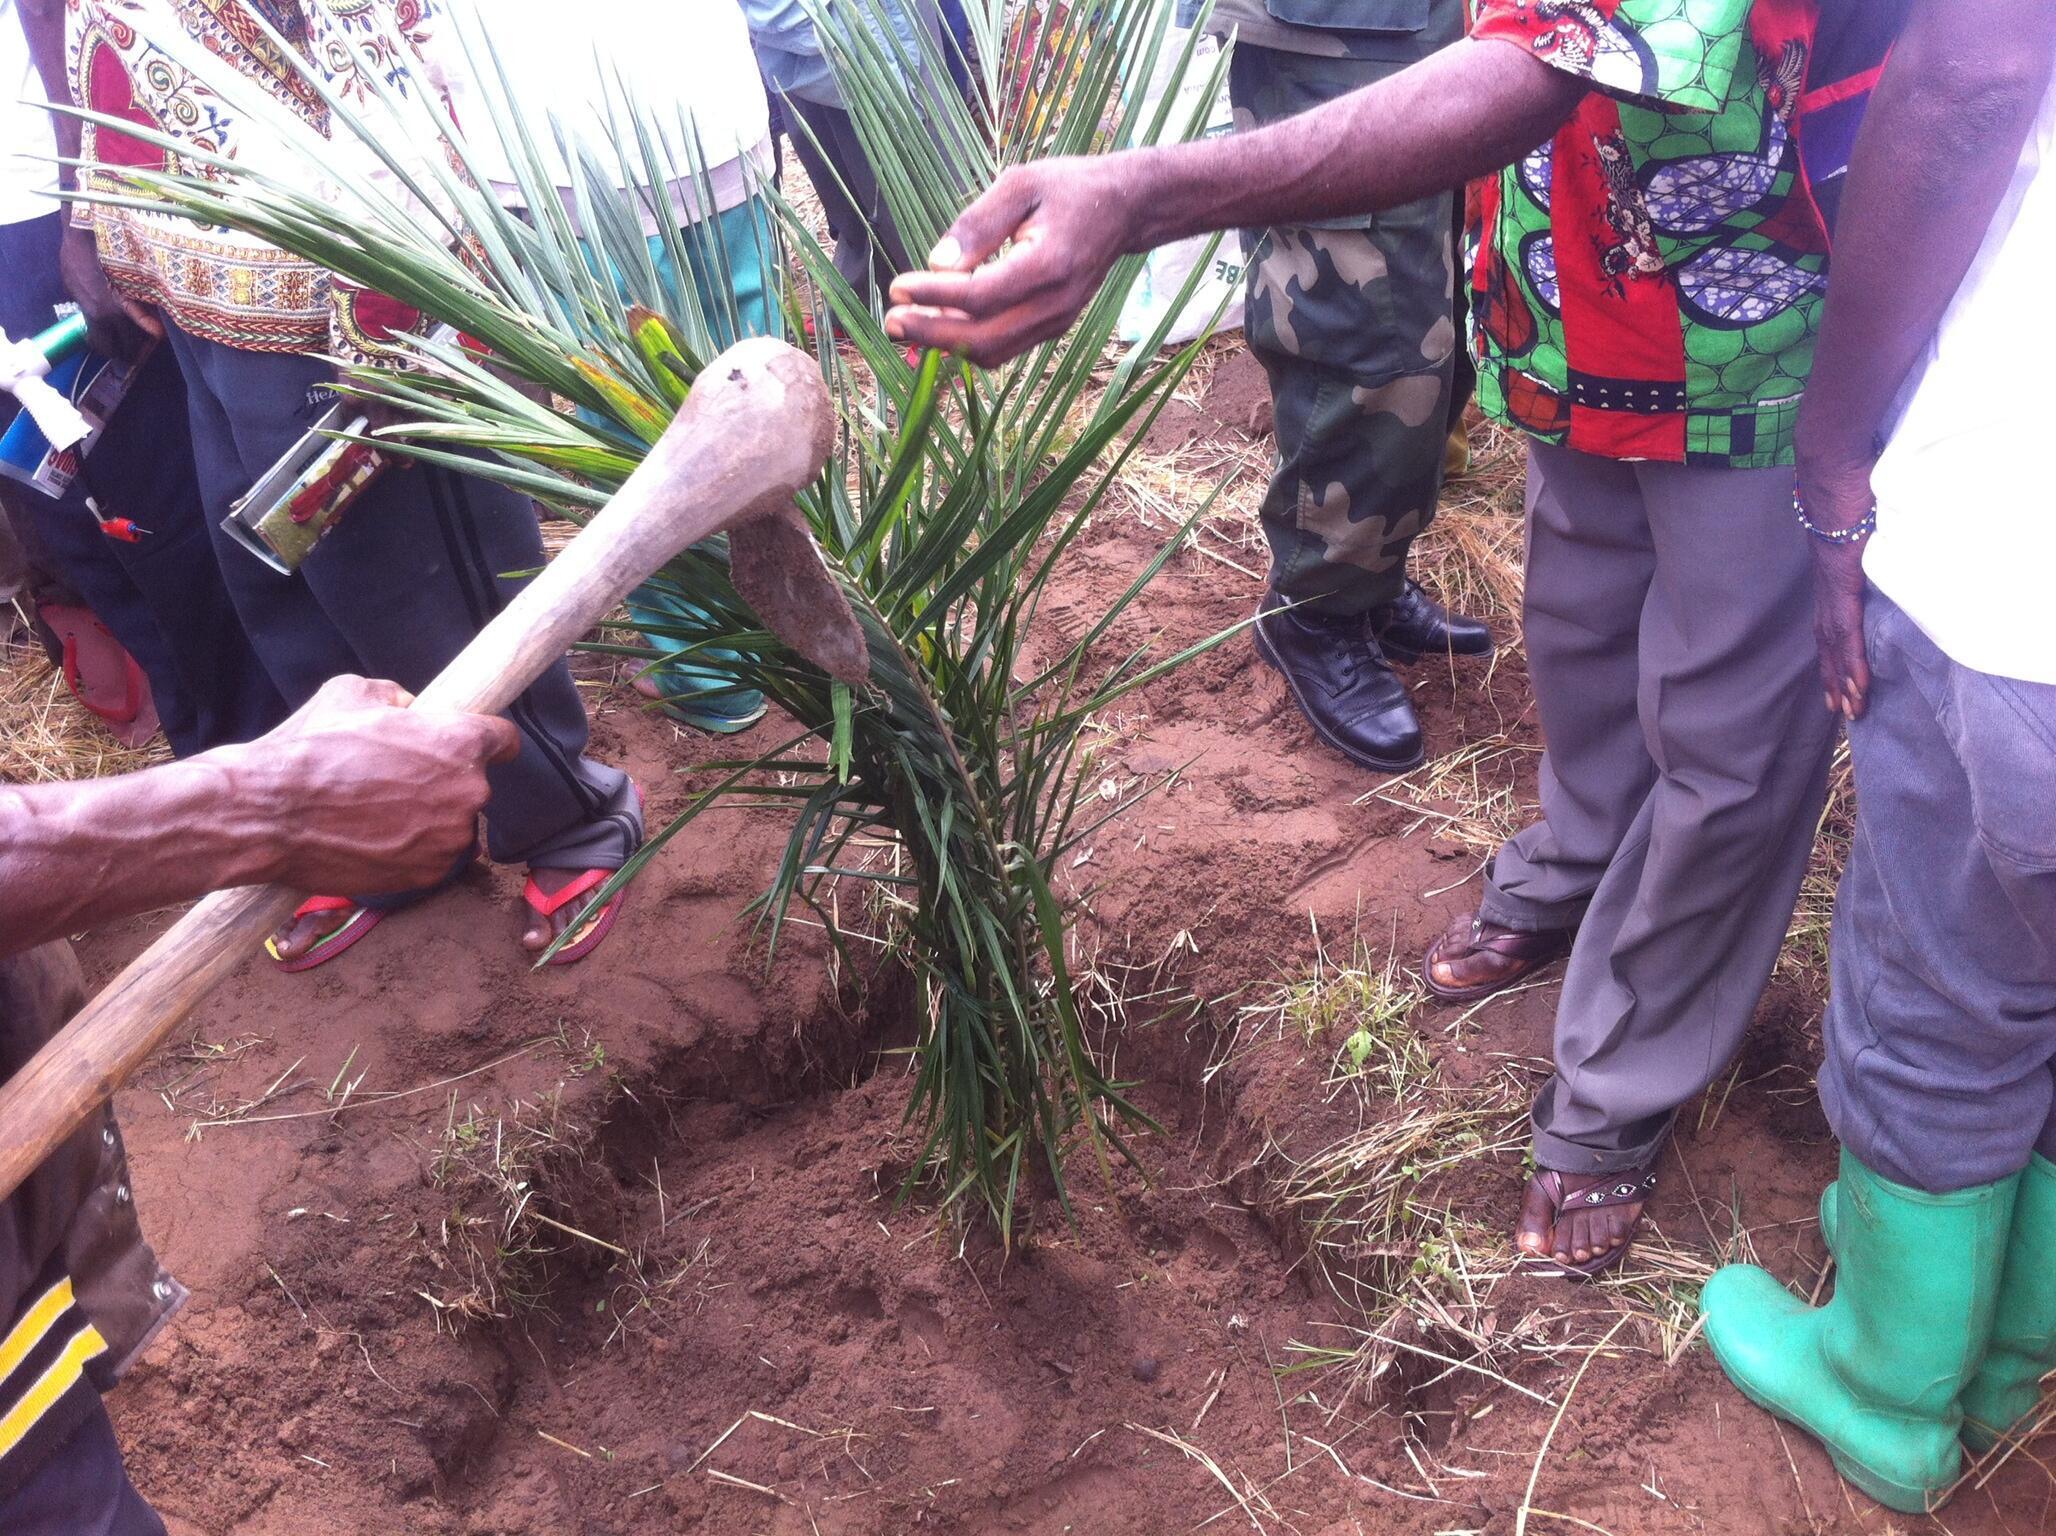 Un palmier de la paix planté par d'anciens chefs de milice Lubas et Pygmées, le 24 mars 2016, dans la localité de Kabeke.